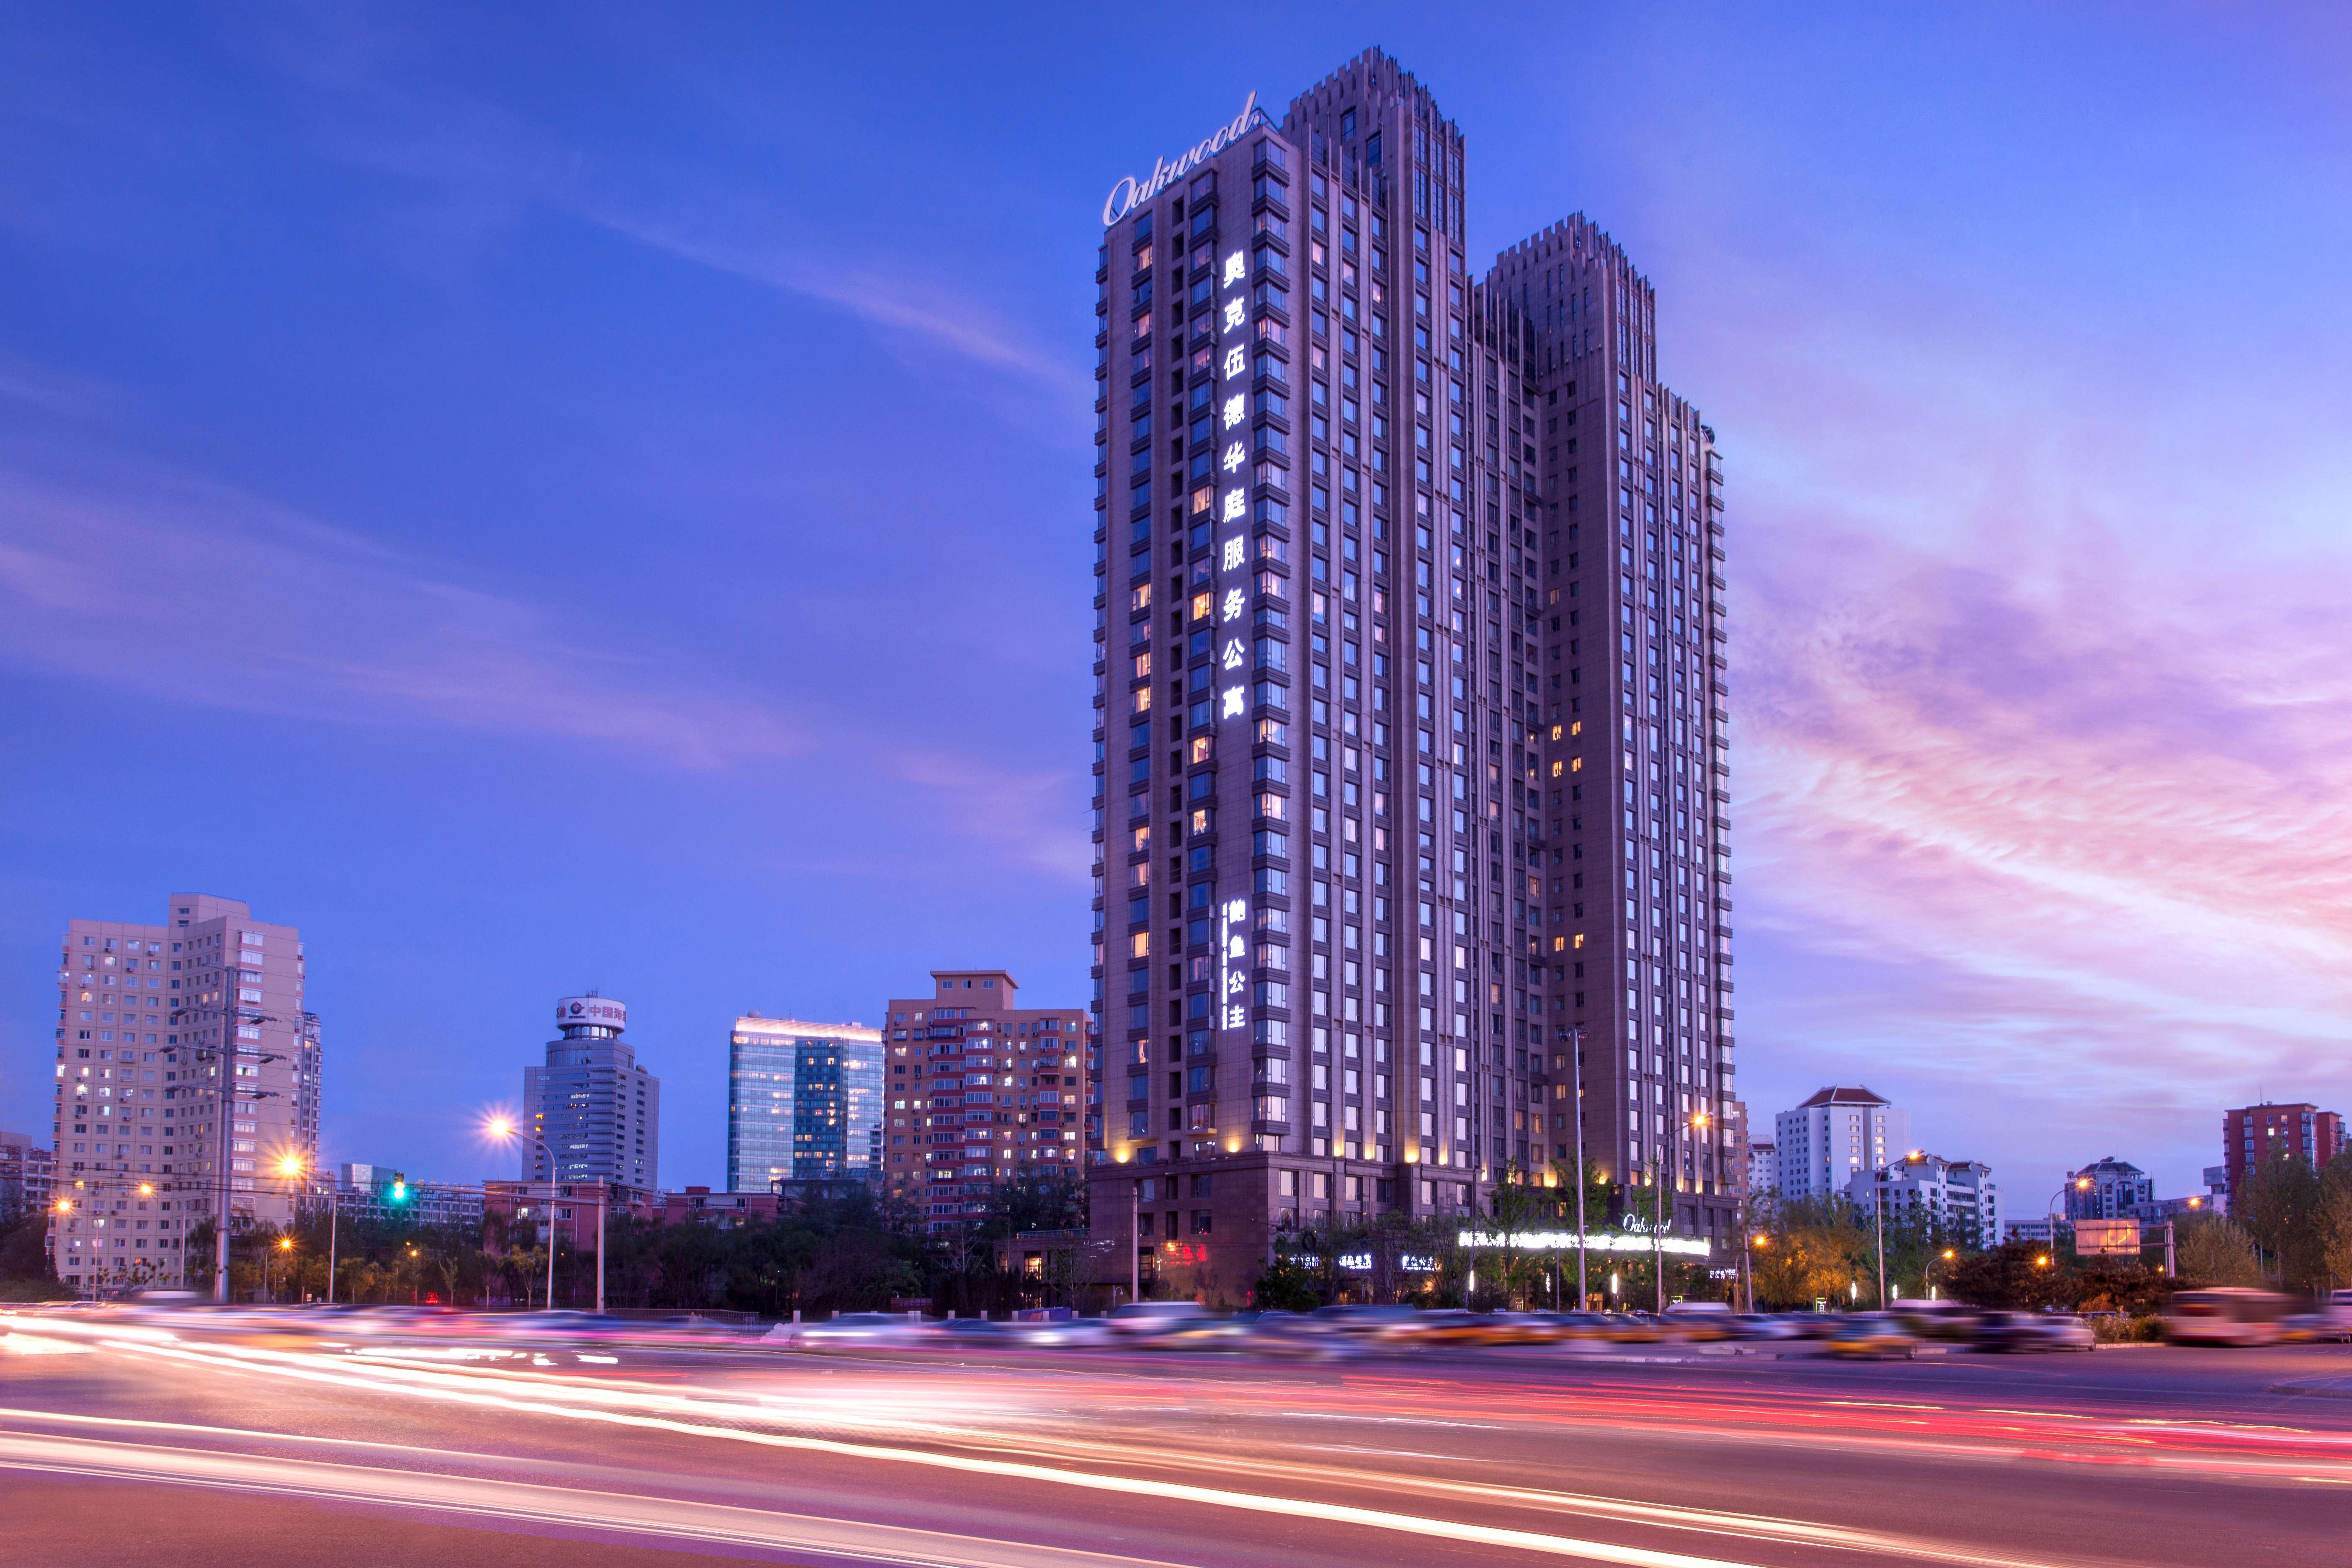 北京绿城奥克伍德华庭酒店公寓预订/团购